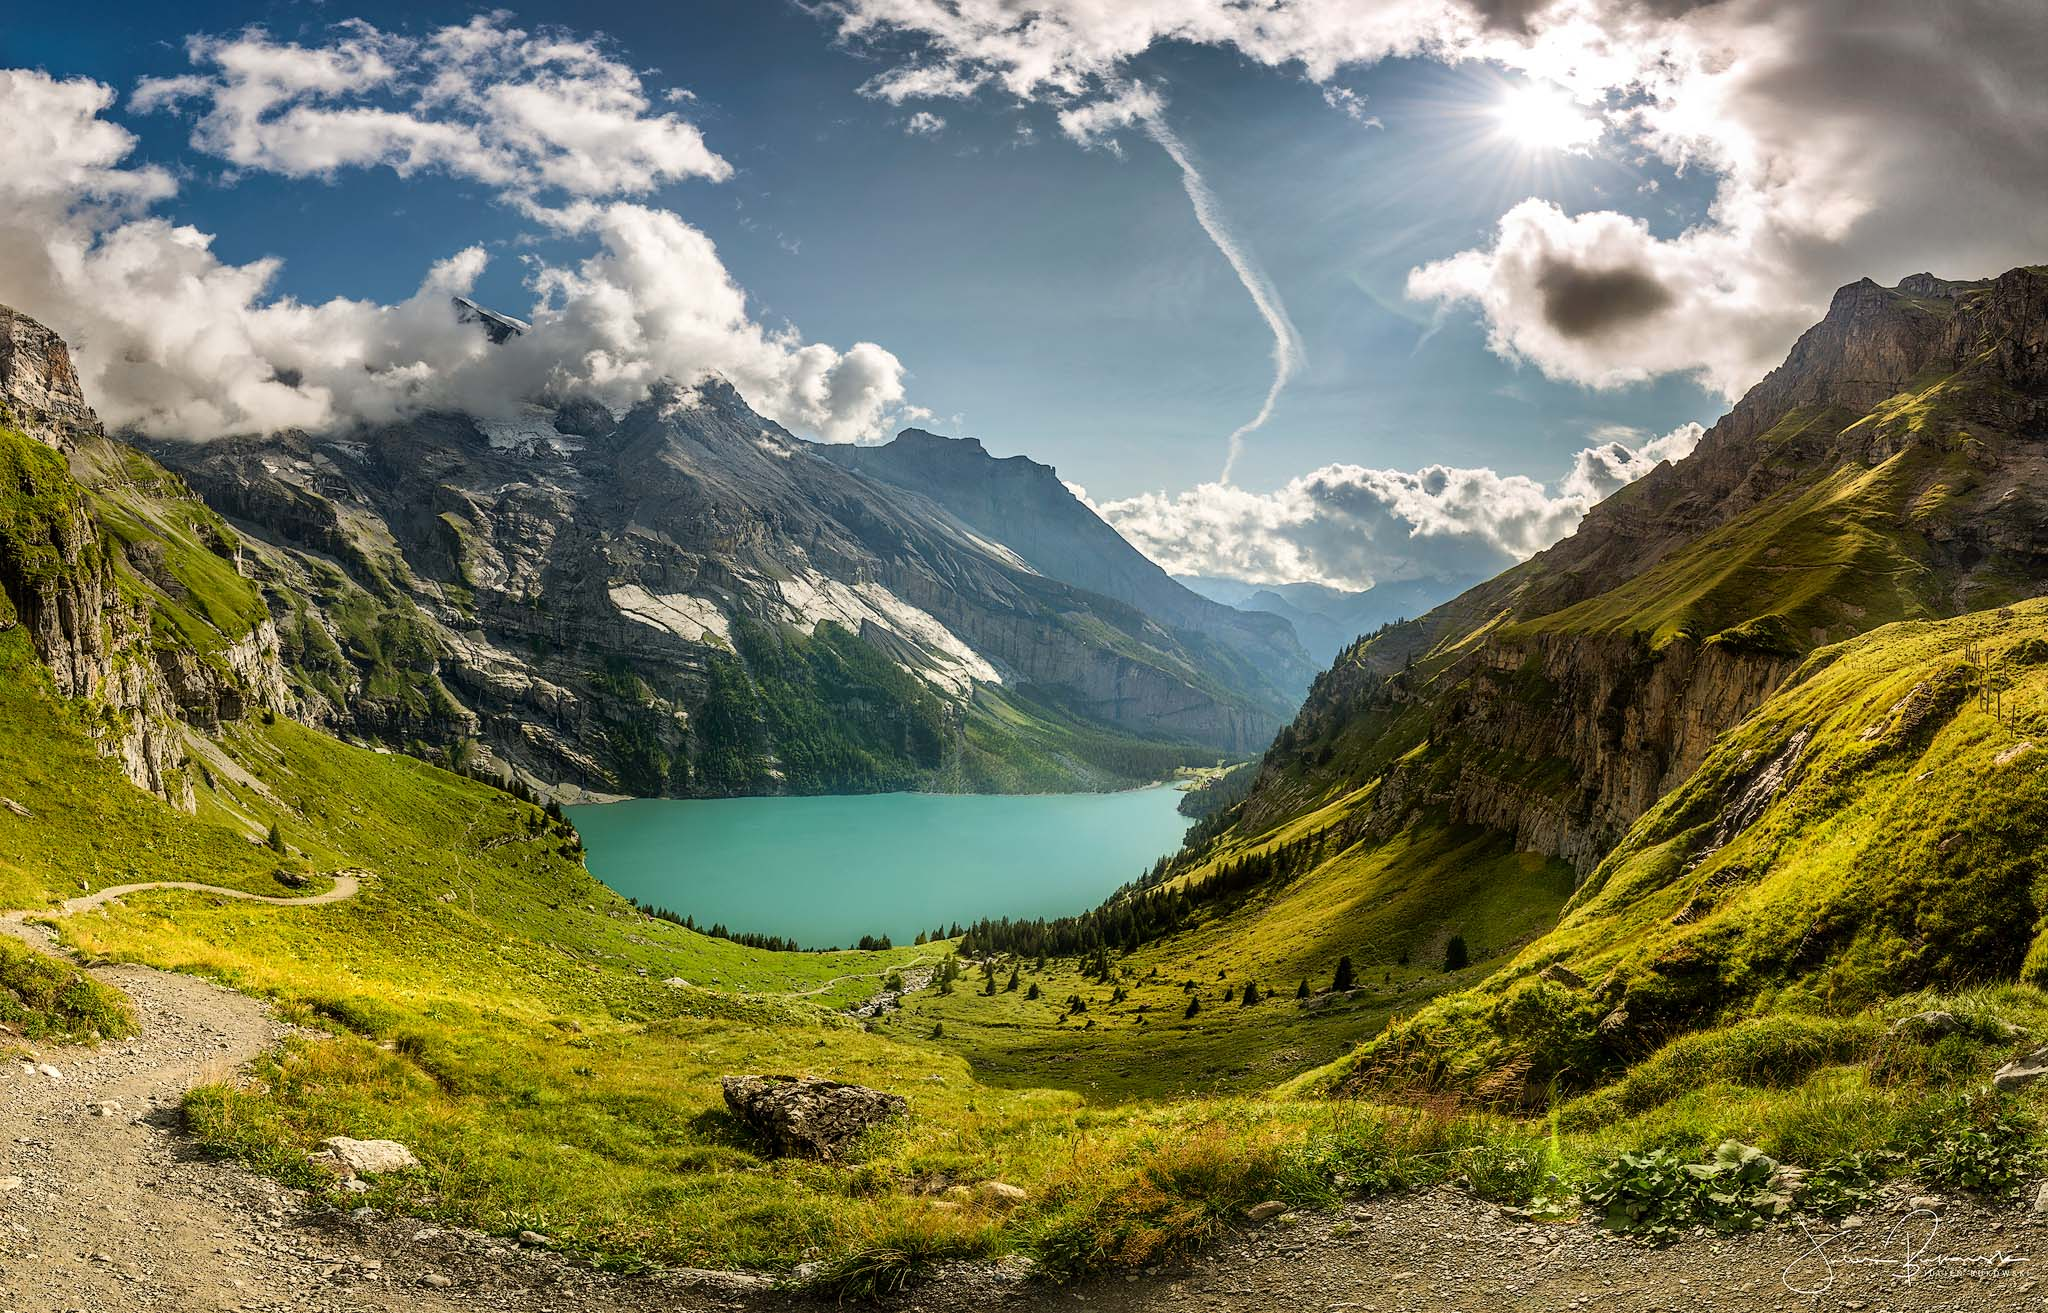 Oeshinensee-Panorama (Suisse)